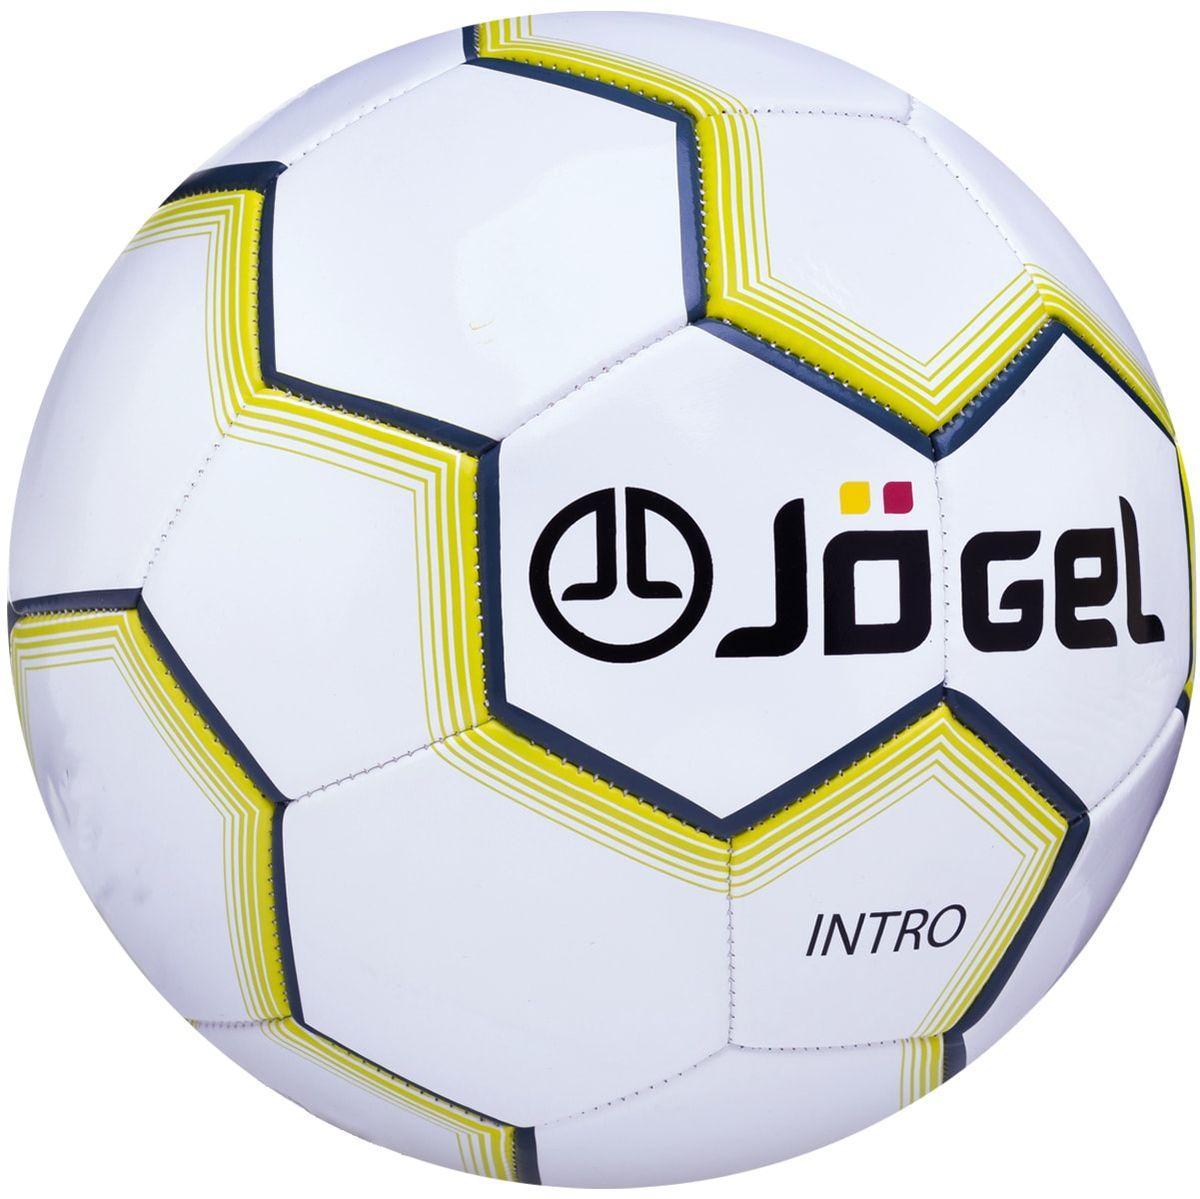 Мяч футбольный Jogel Intro, цвет: белый. Размер 5. JS-100УТ-00011388Категория: Мячи футбольныеУровень: ЛюбительскийJogel - любительский футбольный мяч, который сочетает в себе простоту конструкции, контрастные графические элементы и самую низкую стоимость в линейки футбольных мячей Jogel. По своим характеристикам подходит как детям, так и взрослым. Поверхность мяча выполнена из синтетической кожи (поливинилхлорид) толщиной 2,0 мм. Мяч имеет 2 подкладочных слоя и оснащен бутиловой камерой, обеспечивающей долгое сохранение воздуха в камере. Данный мяч рекомендован для любительской игры и тренировок любительских команд.Основной цвет: БелыйДополнительный цвет: Черный/серый/желтыйРекомендованные покрытия: натуральный газон, синтетическая трава, резина, гаревые поля, паркетМатериал поверхности: Синтетическая кожа (поливинилхлорид) толщиной 2,0 ммМатериал камеры: БутилТип соединения панелей: Машинная сшивкаКоличество панелей: 32Длина окружности: №5 - 68-70 смВес: 410-450 грРекомендованное давление: 0.4-0.6 барПроизводство: КНР